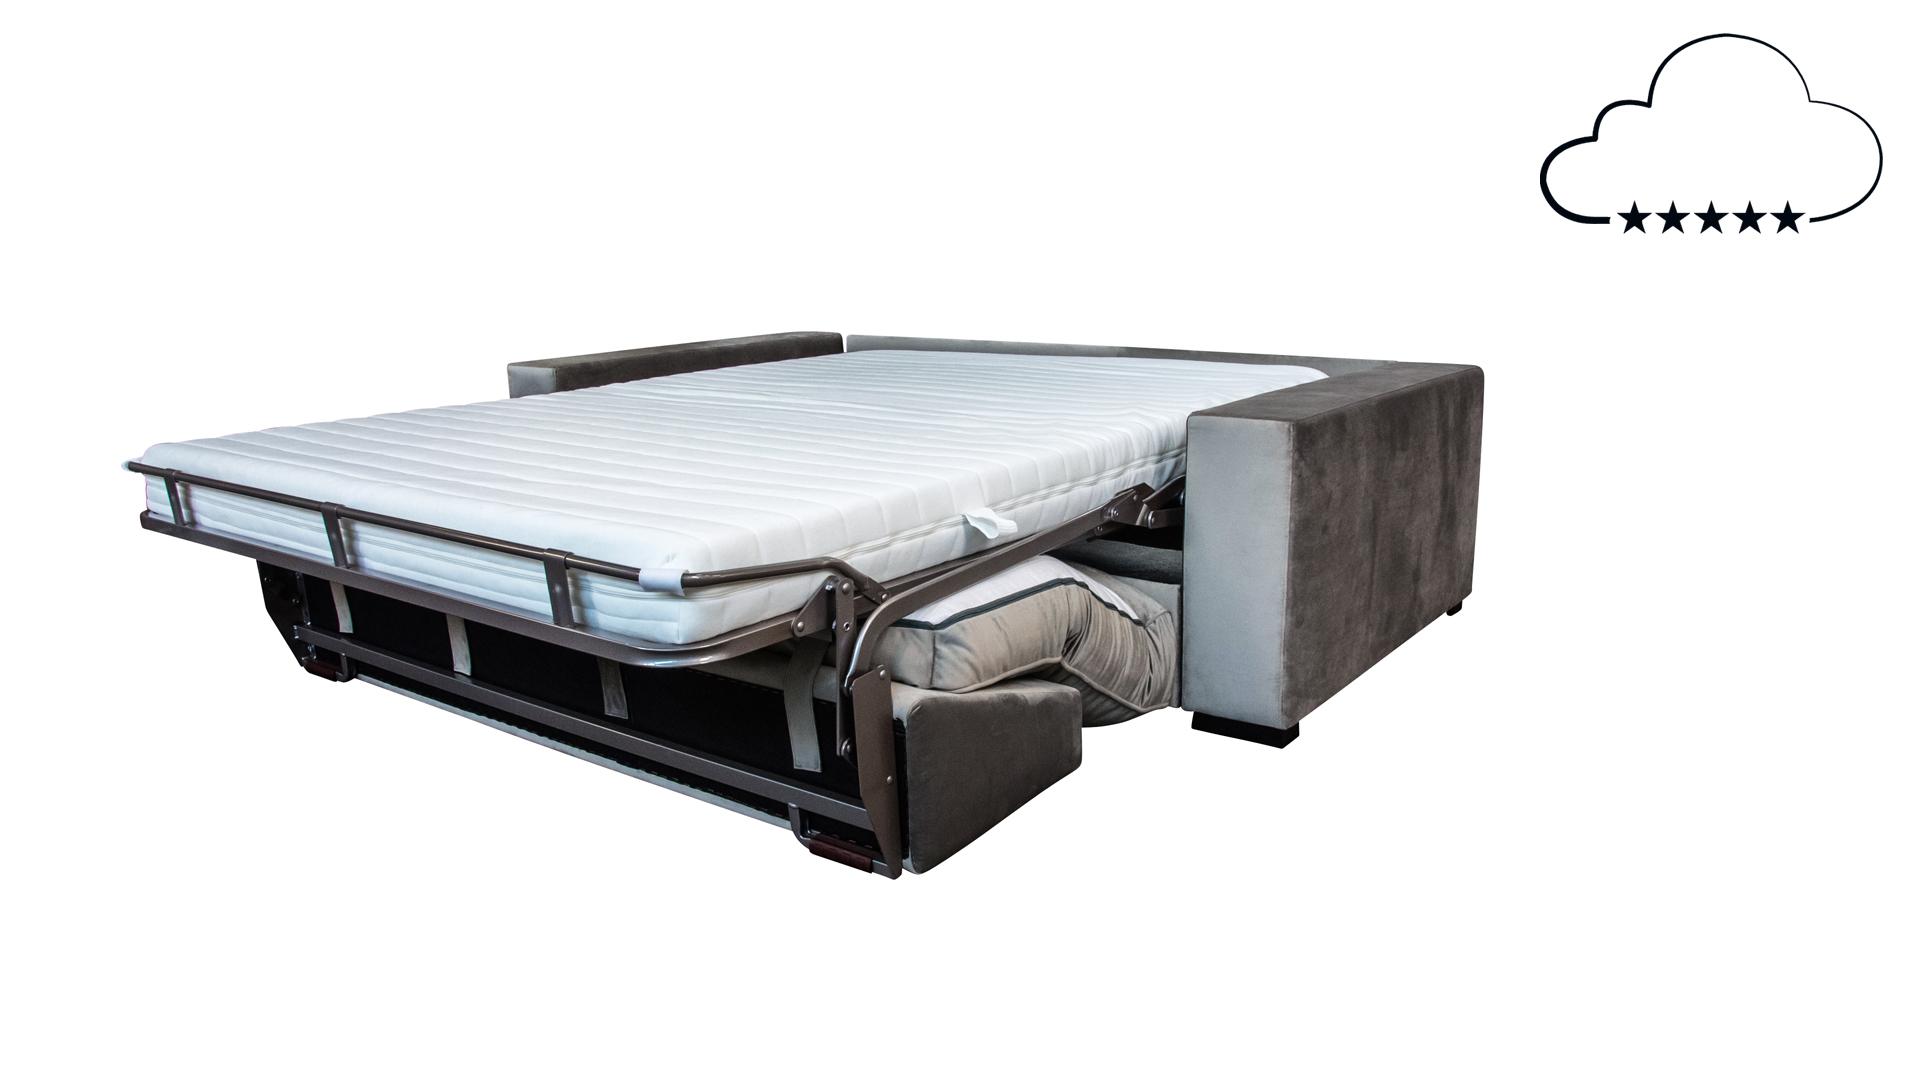 Full Size of Schlafsofa 160x200 Liegefläche Dauerschlfer Sortiment Betten Ikea Weißes Bett Mit Stauraum Schubladen 180x200 Komplett Wohnzimmer Schlafsofa 160x200 Liegefläche